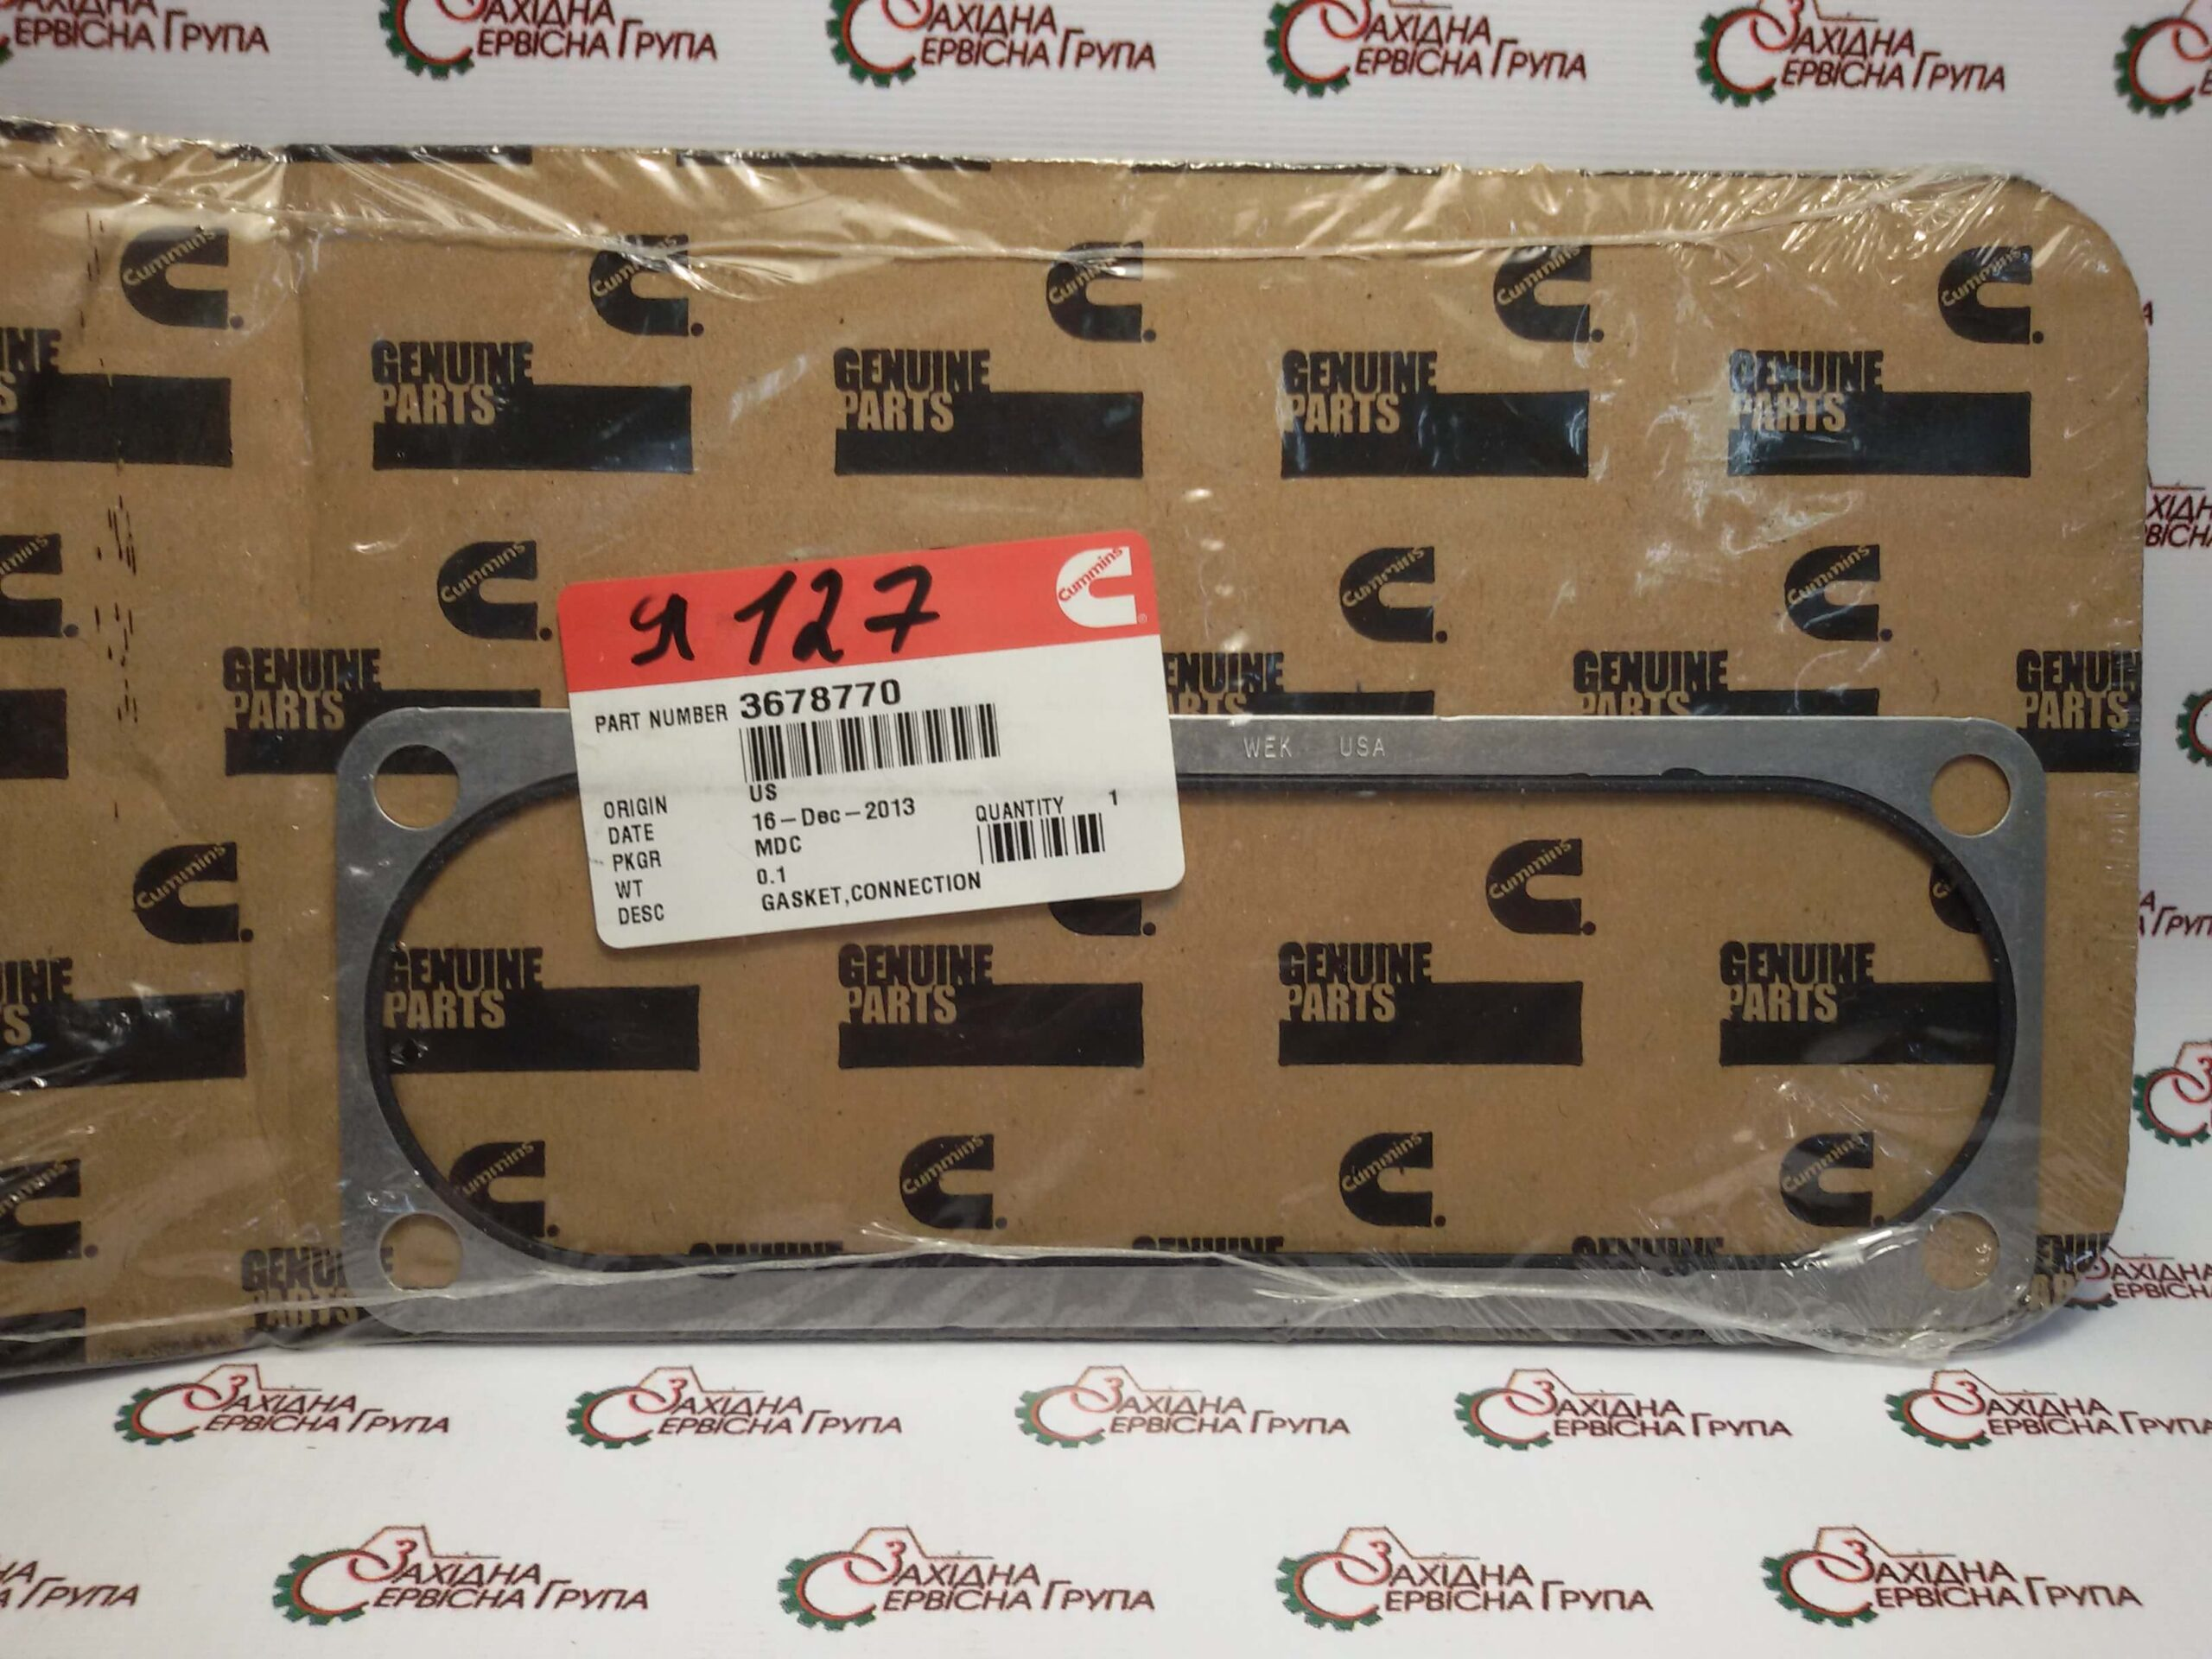 Прокладка впускного повітряного патрубка двигуна Cummins ISX15, QSX15, 3678770.